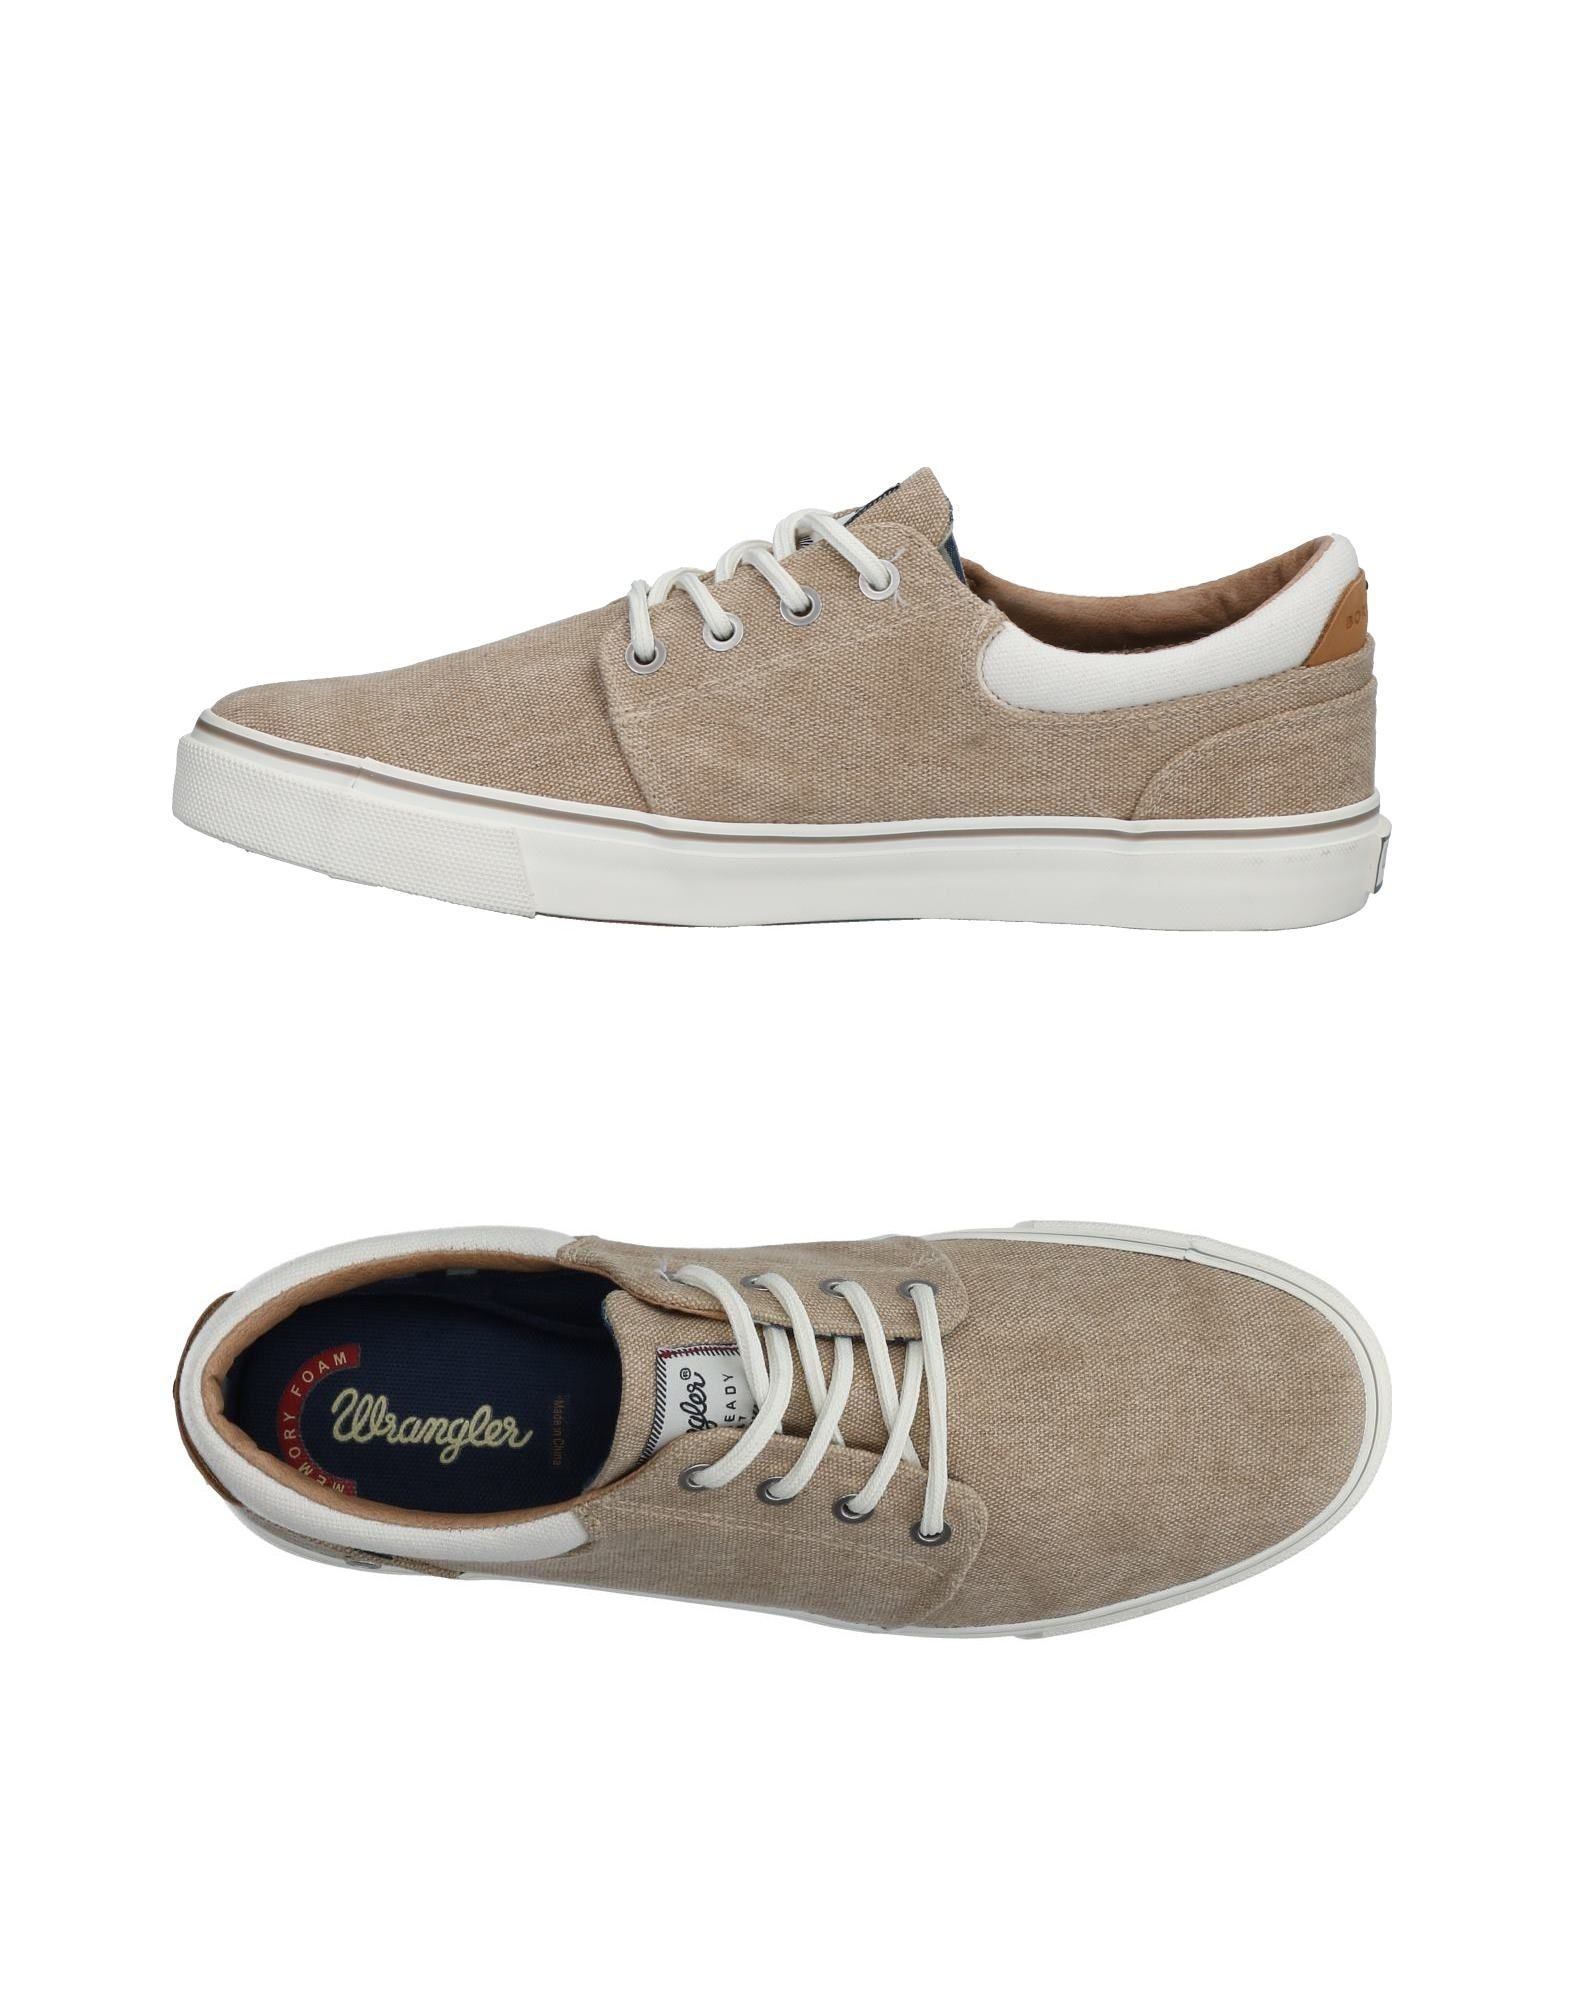 Moda Sneakers Wrangler Uomo Uomo Wrangler - 11462780XB 77ee69